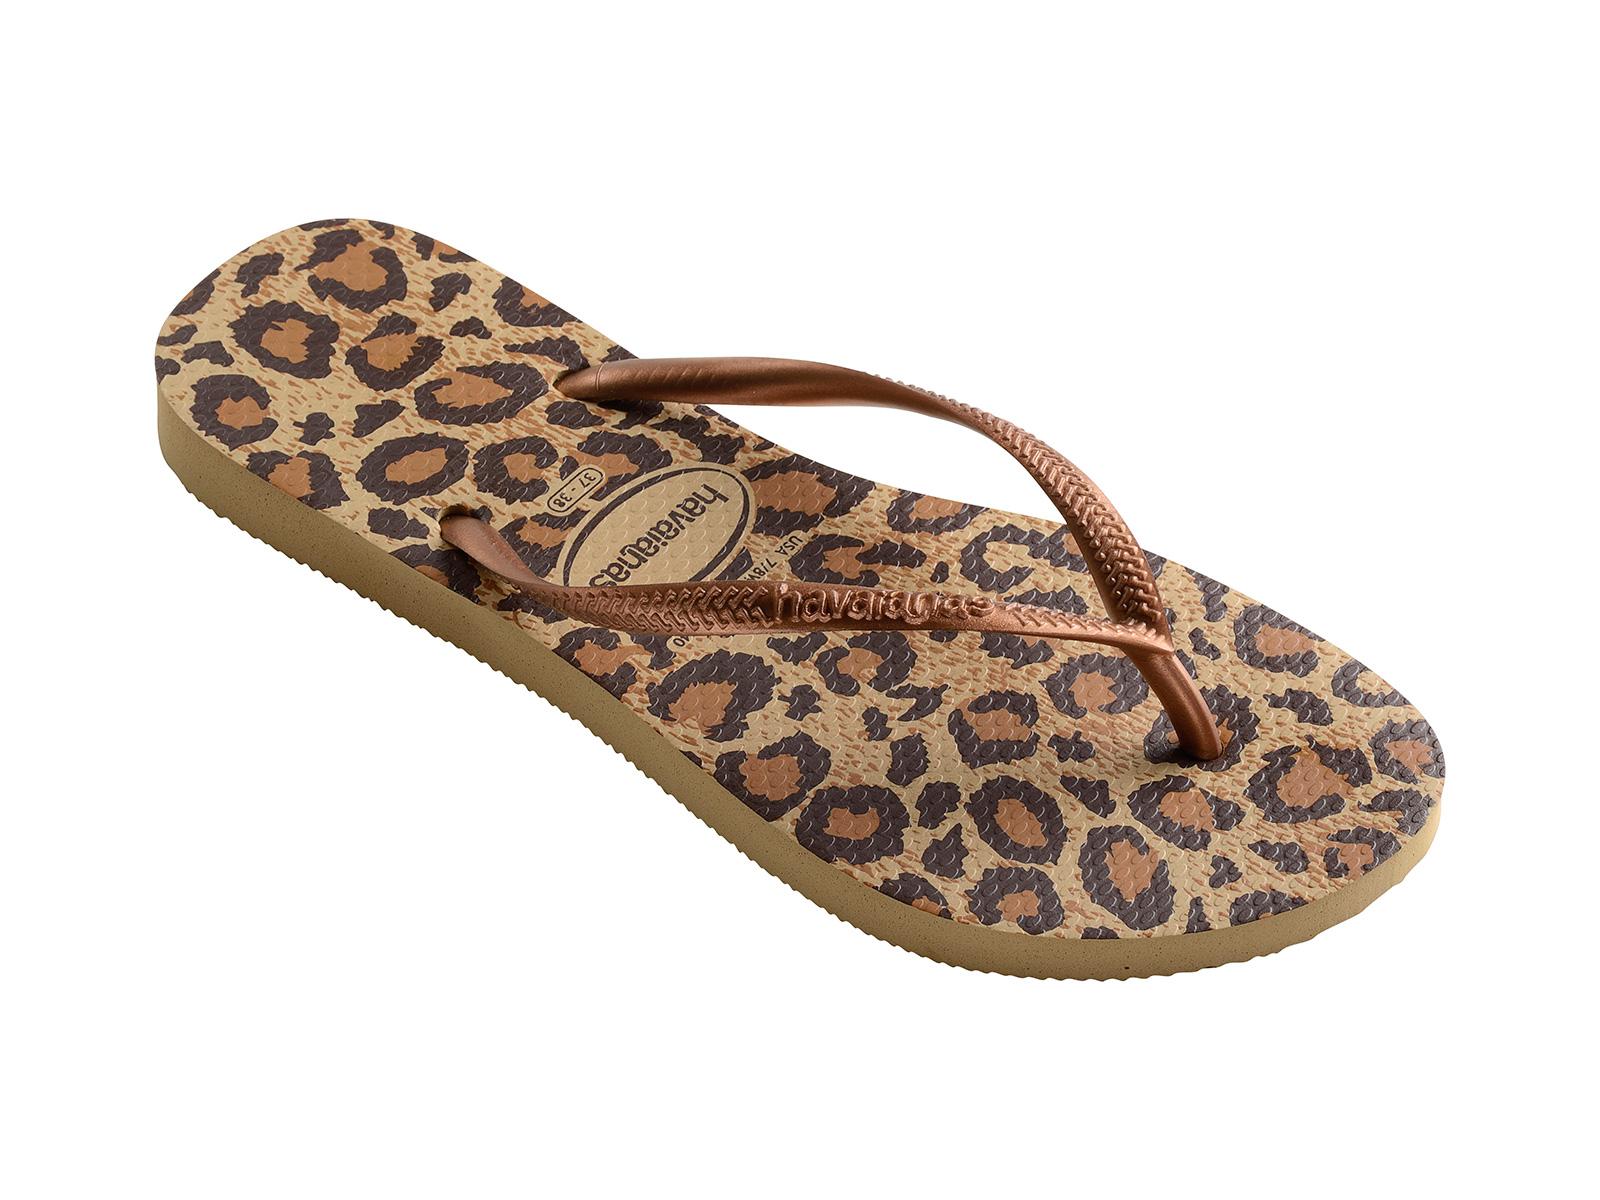 Flip-Flops Beige And Brown Leopard Flip